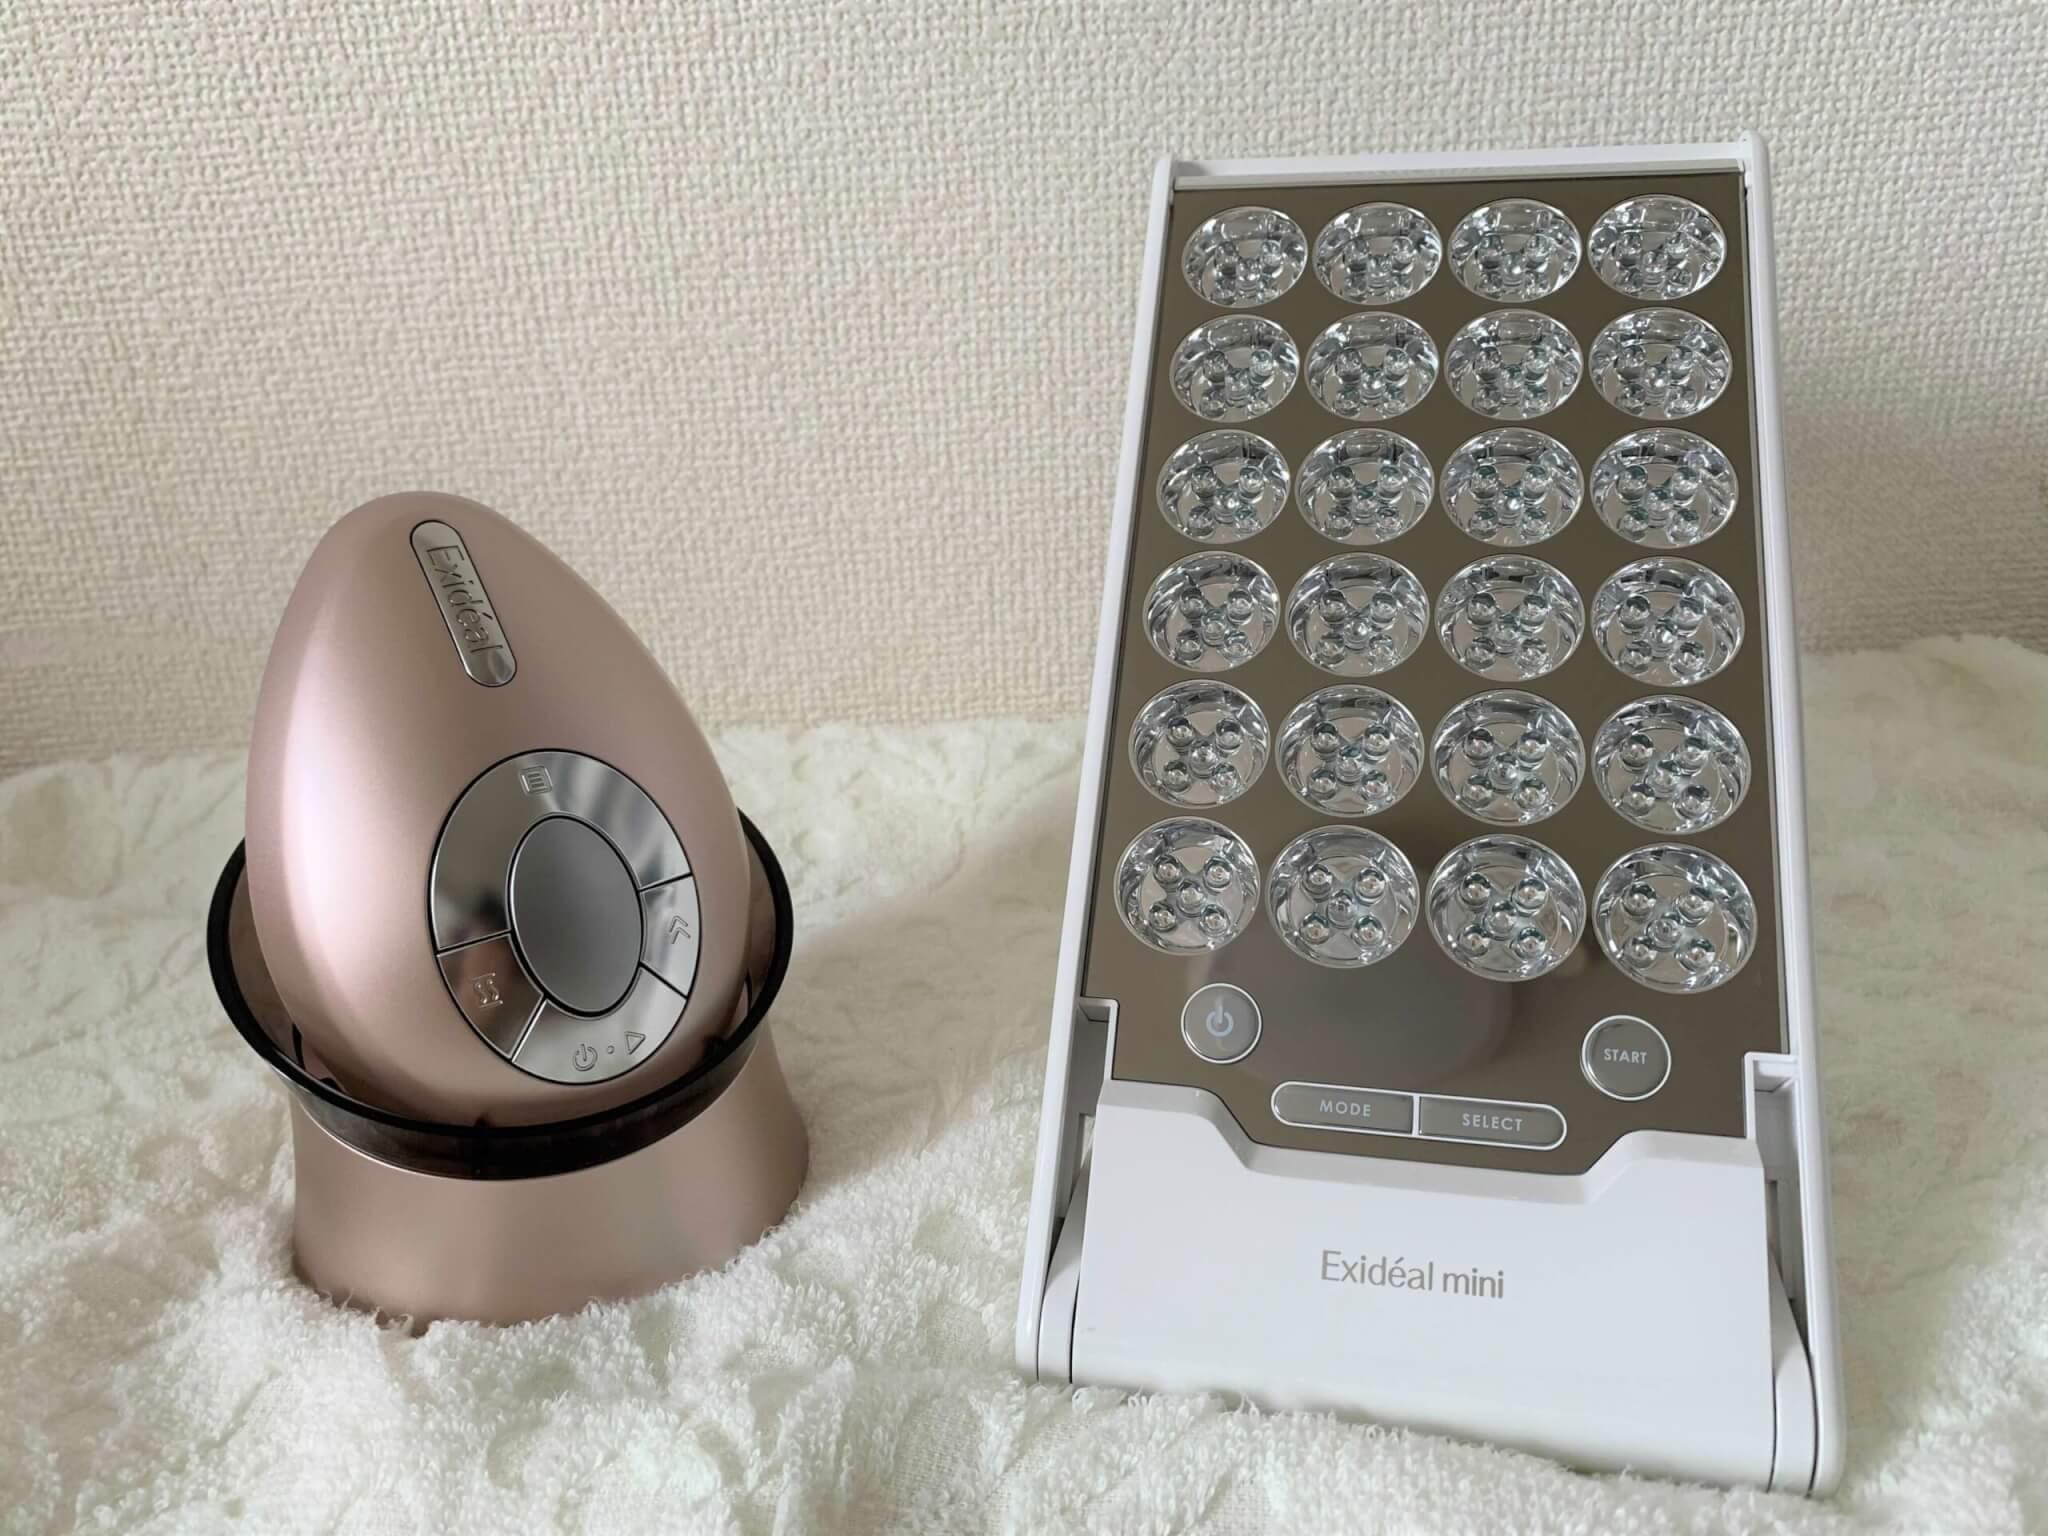 エクスイディアル LED